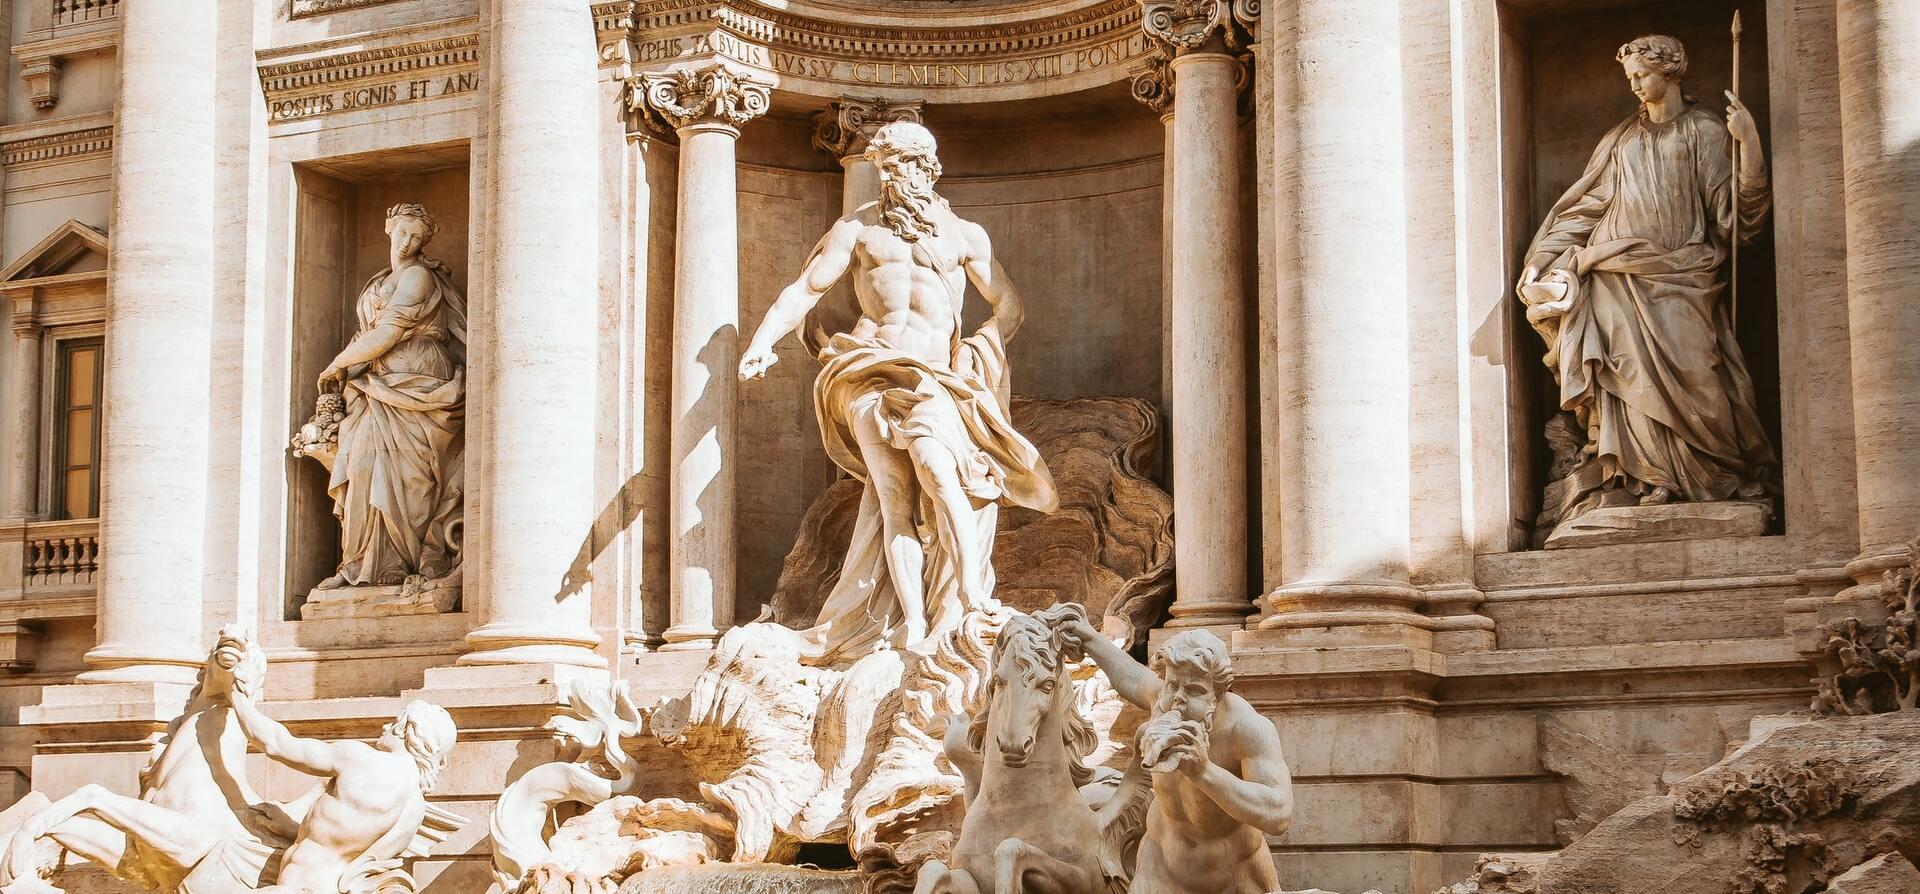 Kvíz: 10 híres európai városról mutatunk trükkös képet, meg kell mondanod, hol járunk! Az utolsó előtti brutál nehéz lesz